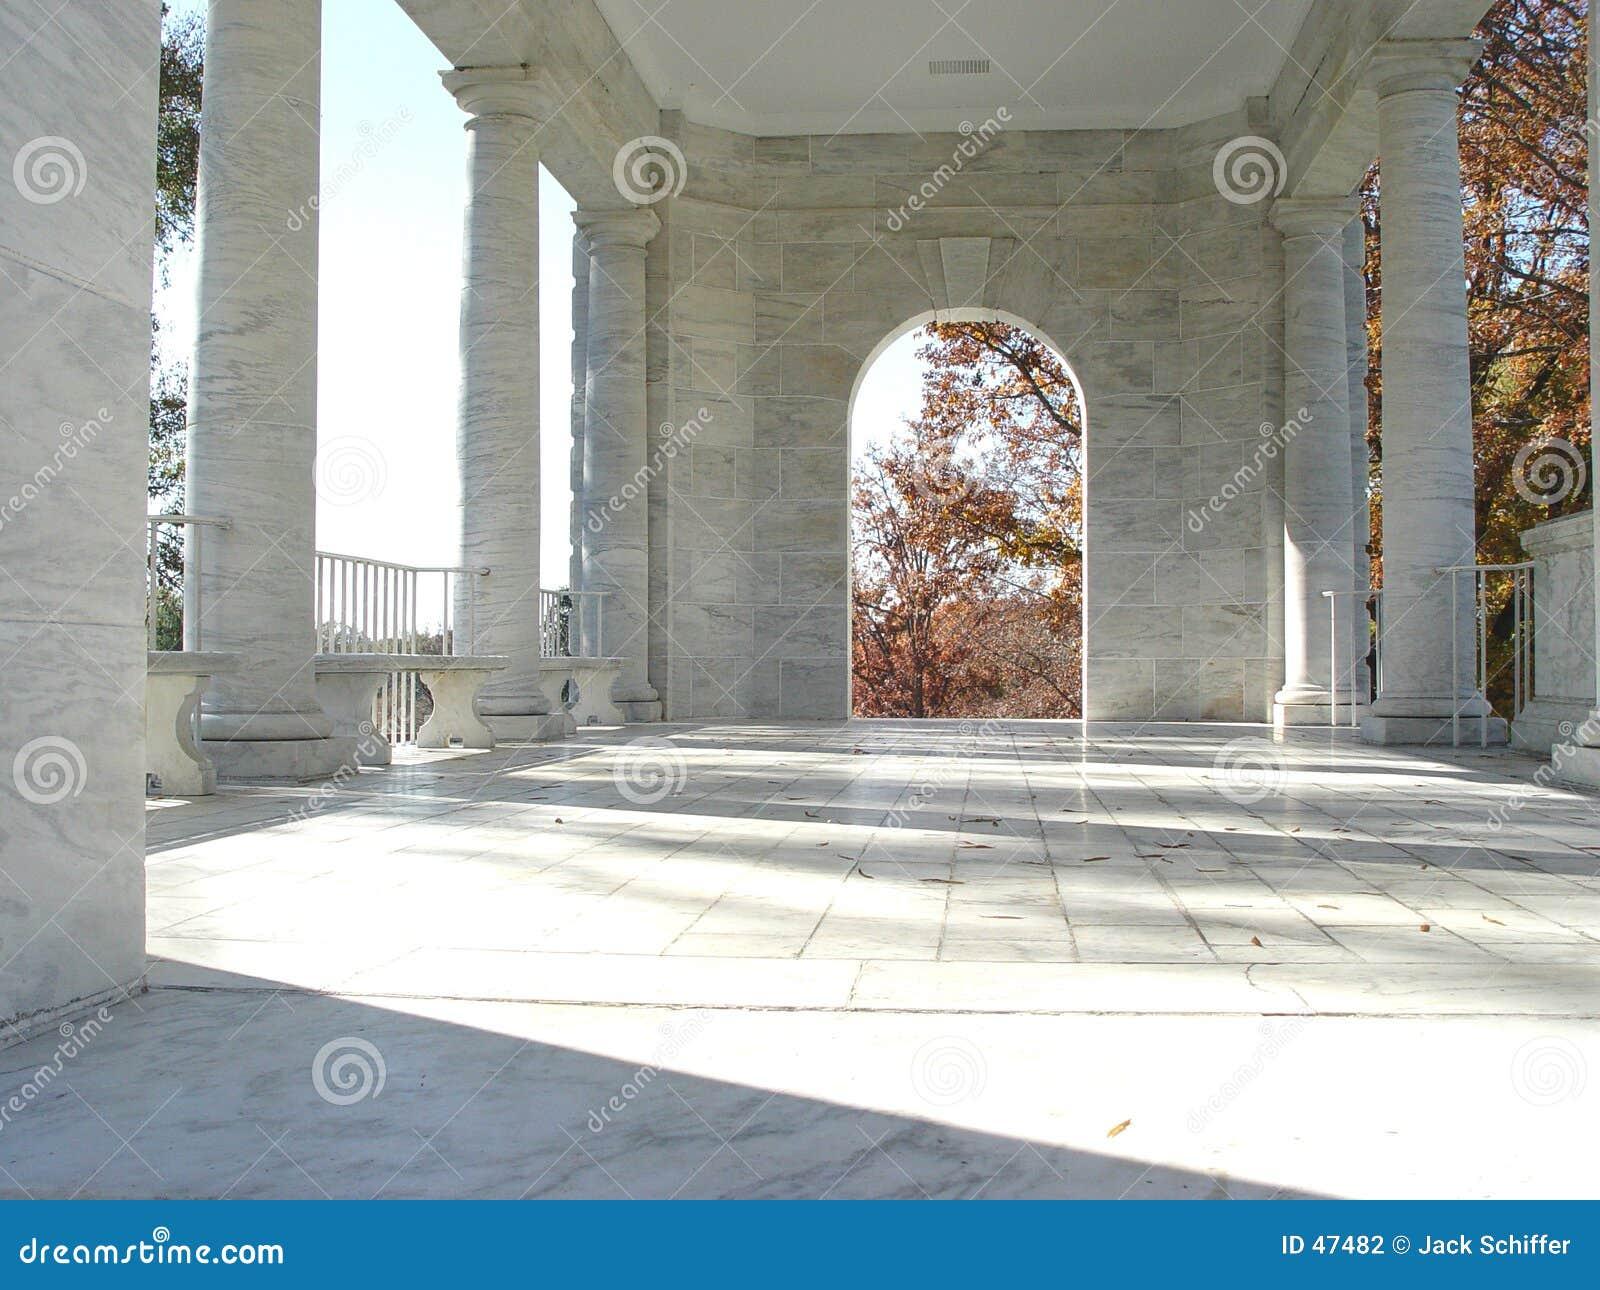 Download Atrio fotografia stock. Immagine di bianco, classico, ombra - 47482